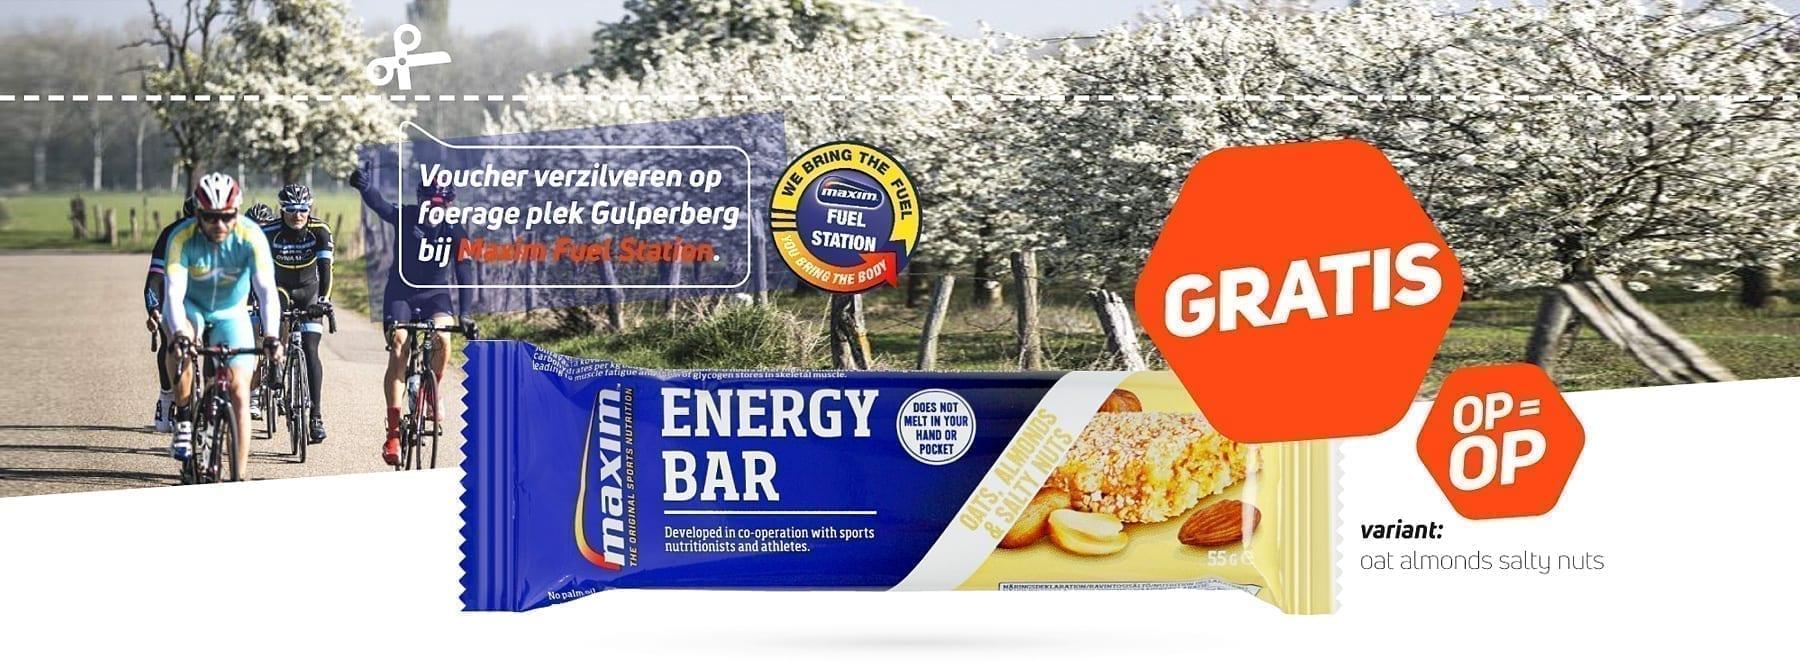 Limburgs Mooiste - Voeding